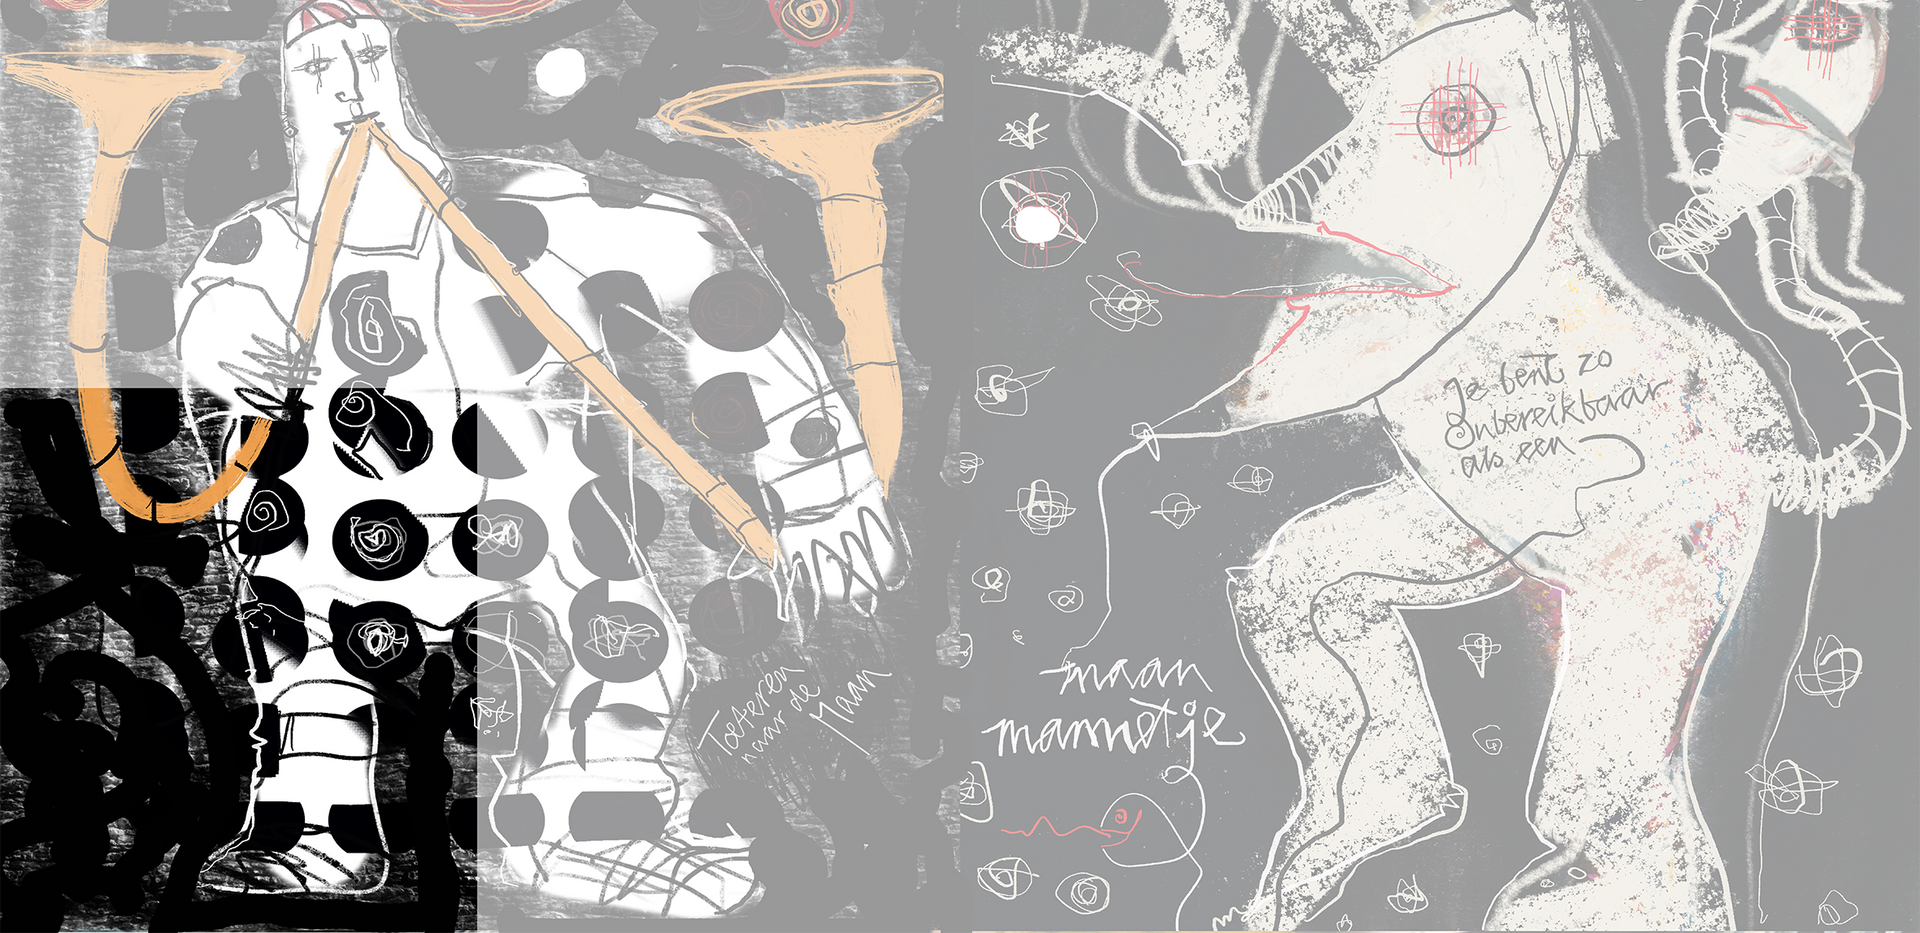 bord-03-tekening-05.png